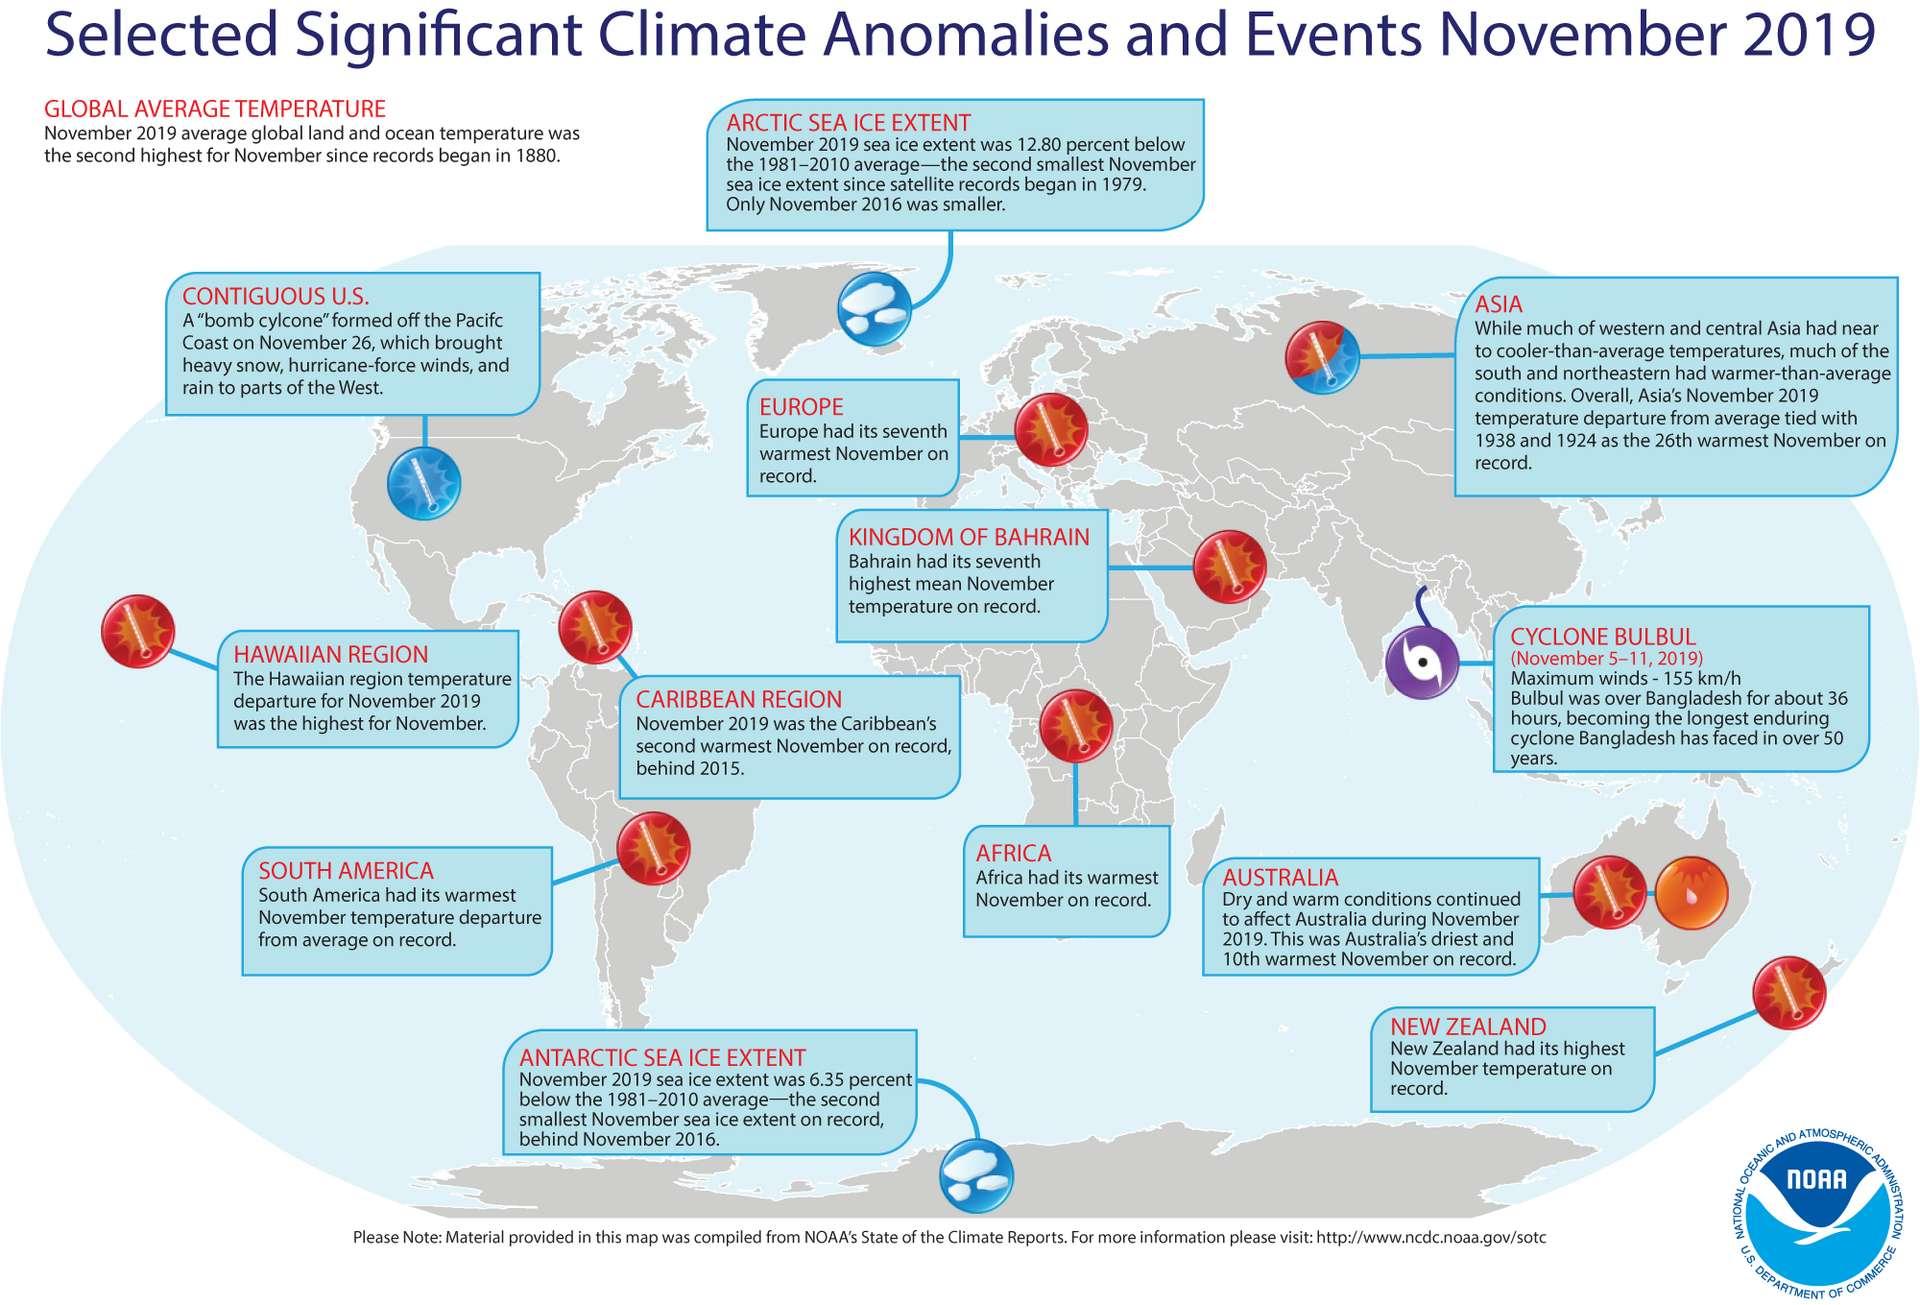 Cette carte montre les événements climatiques notables qui se sont produits dans le monde en novembre 2019. © NOAA